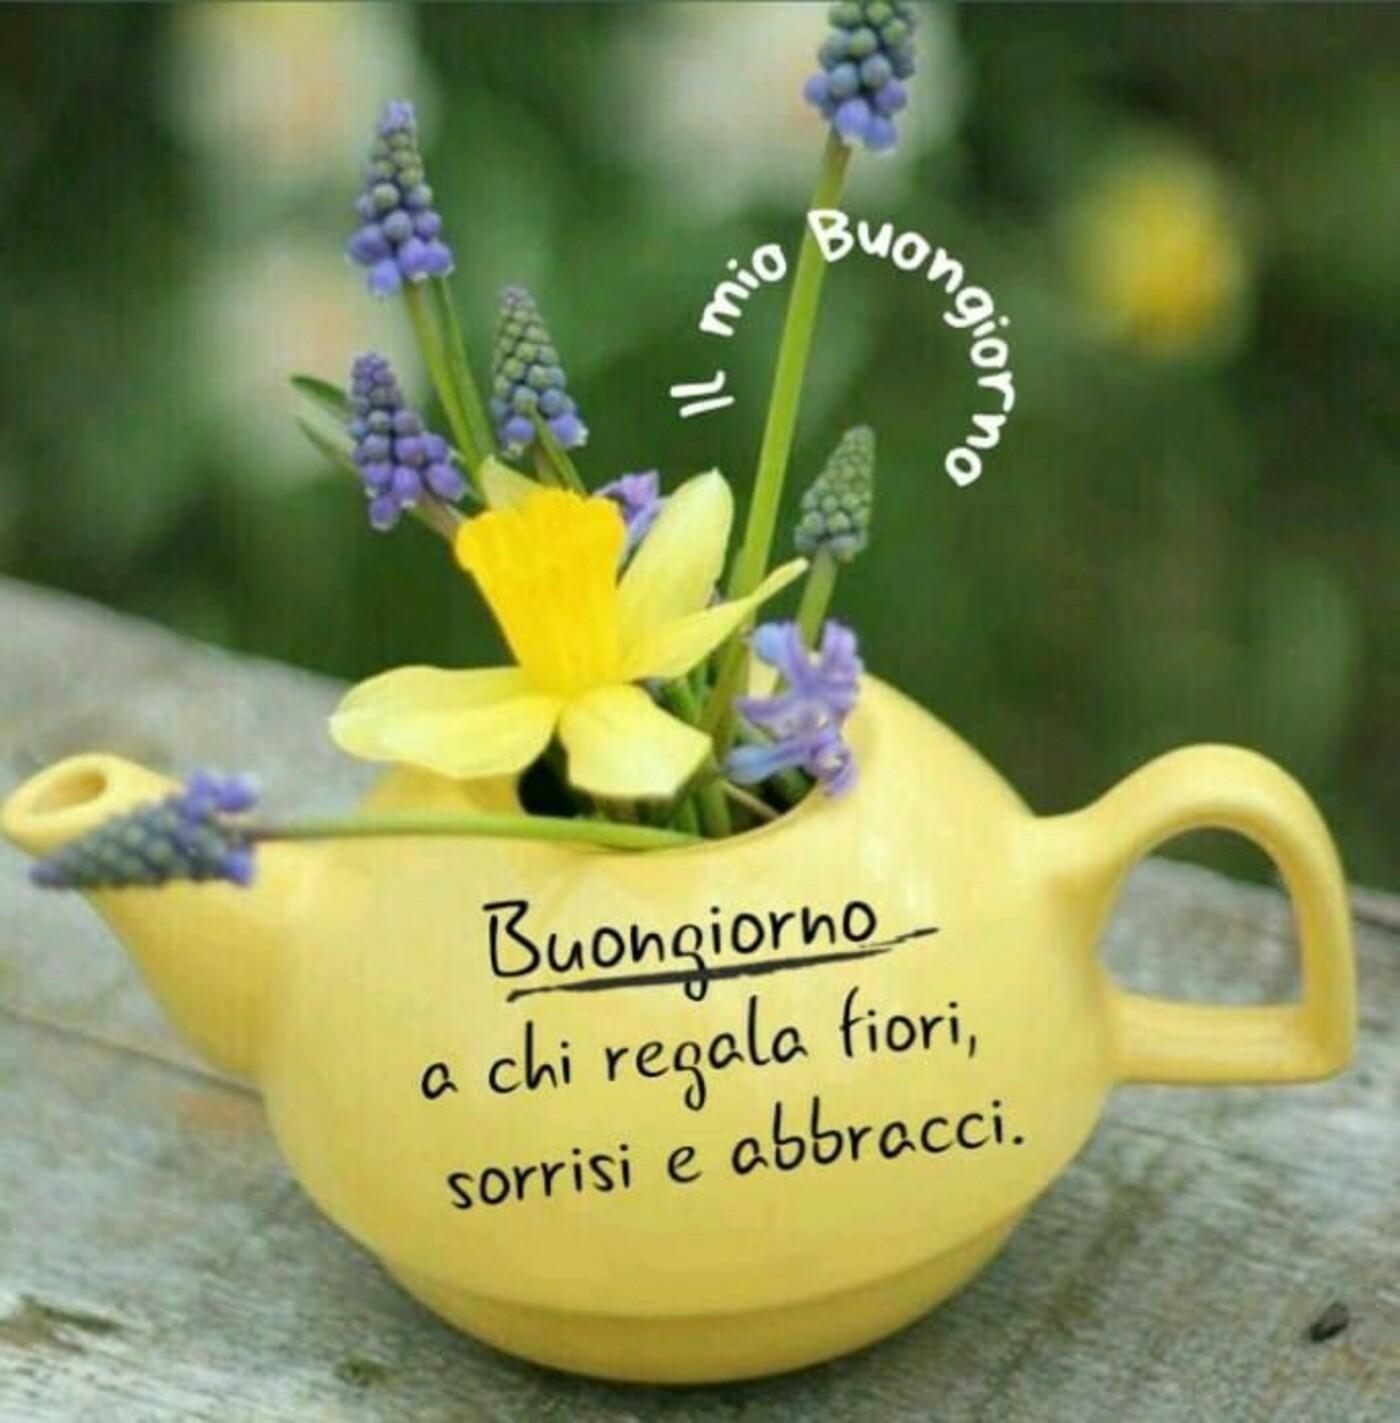 Buongiorno a chi regala fiori, sorrisi e abbracci.